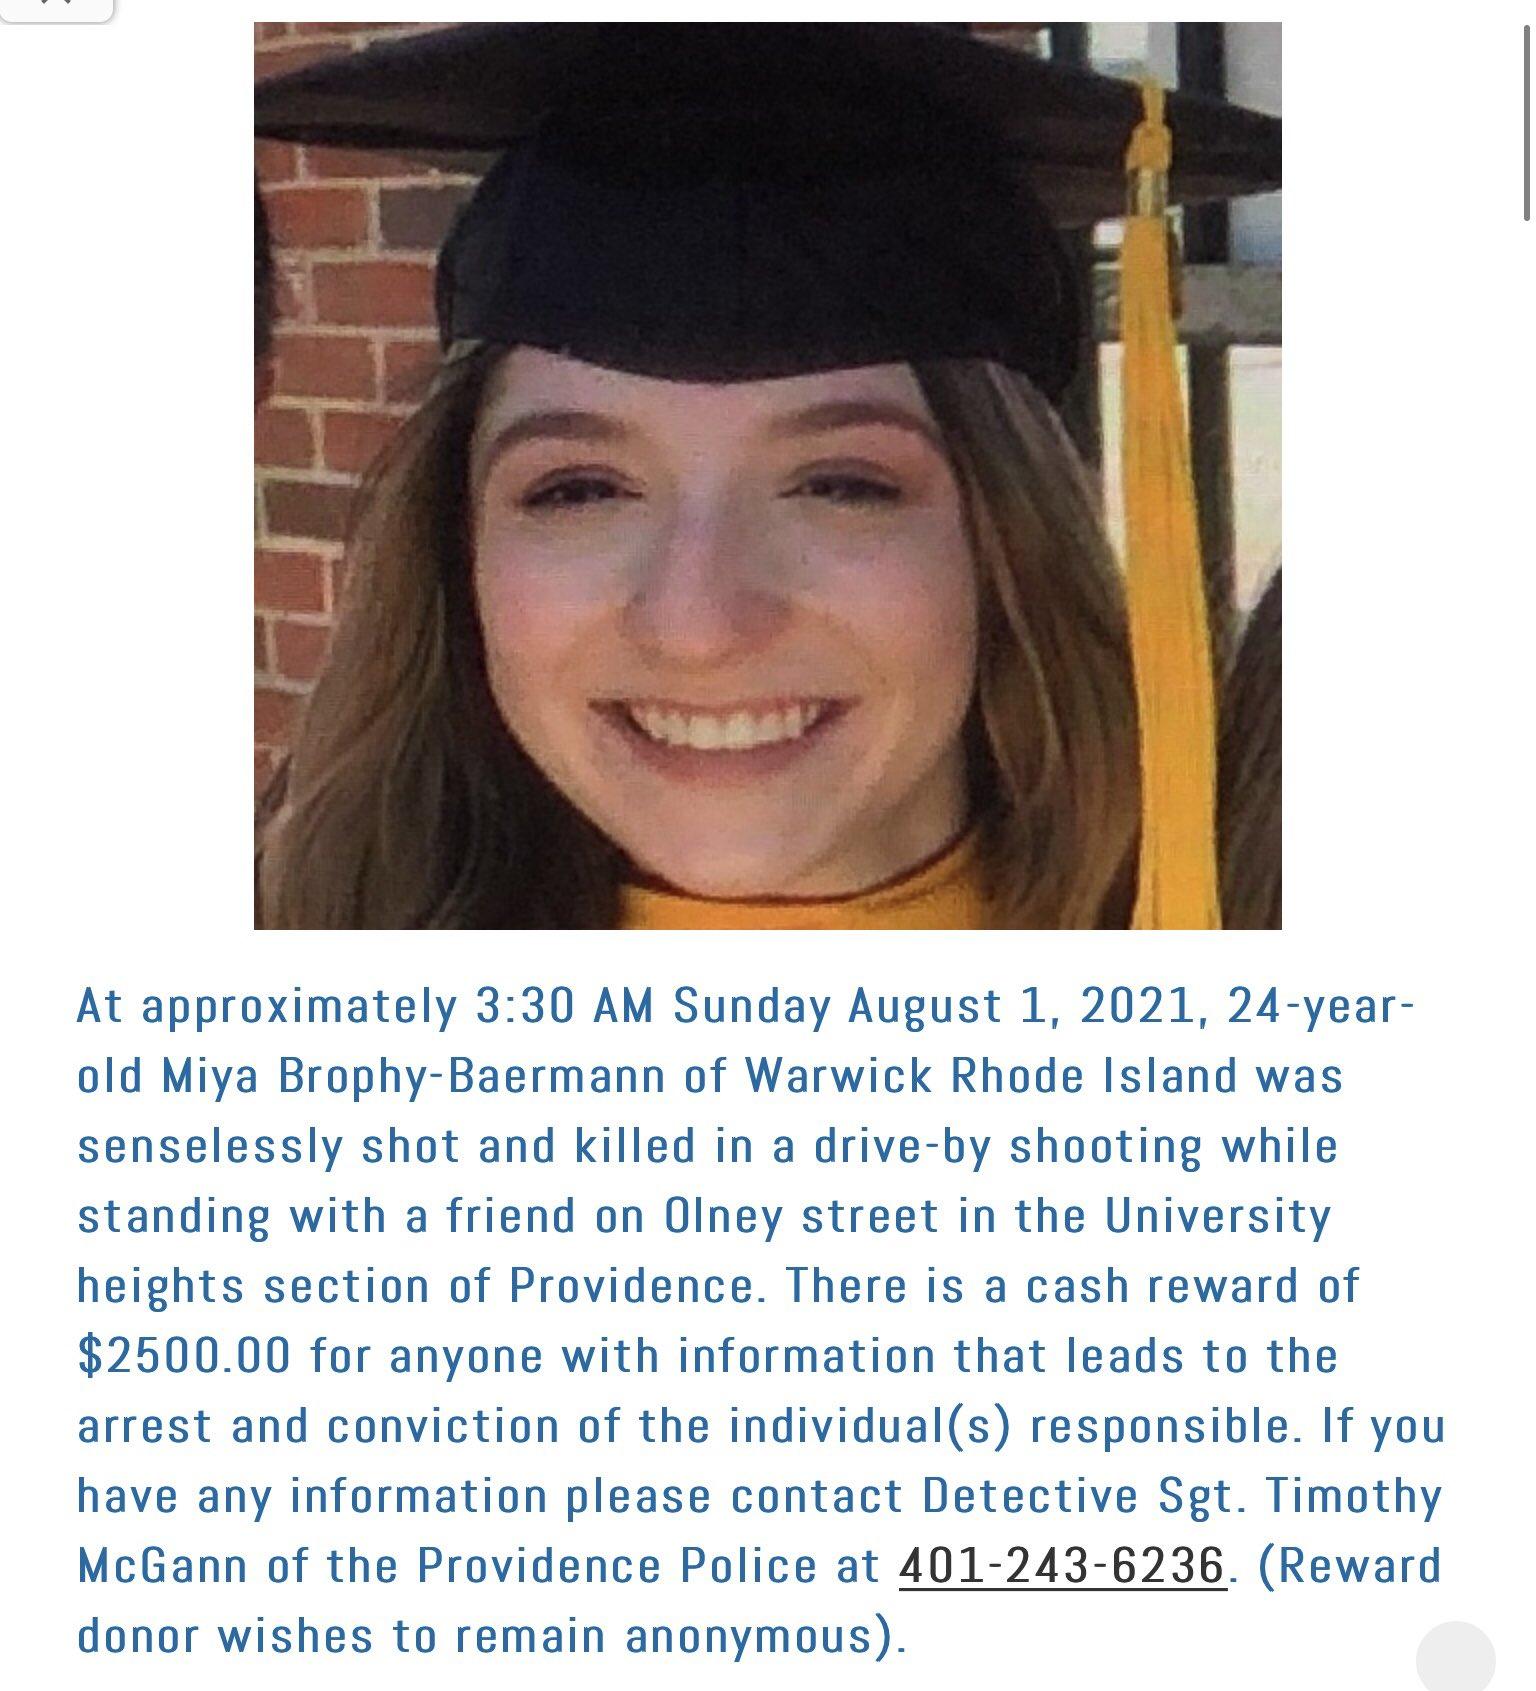 Reward now $5,000 to find Miya Brophy-Baermann's murderer